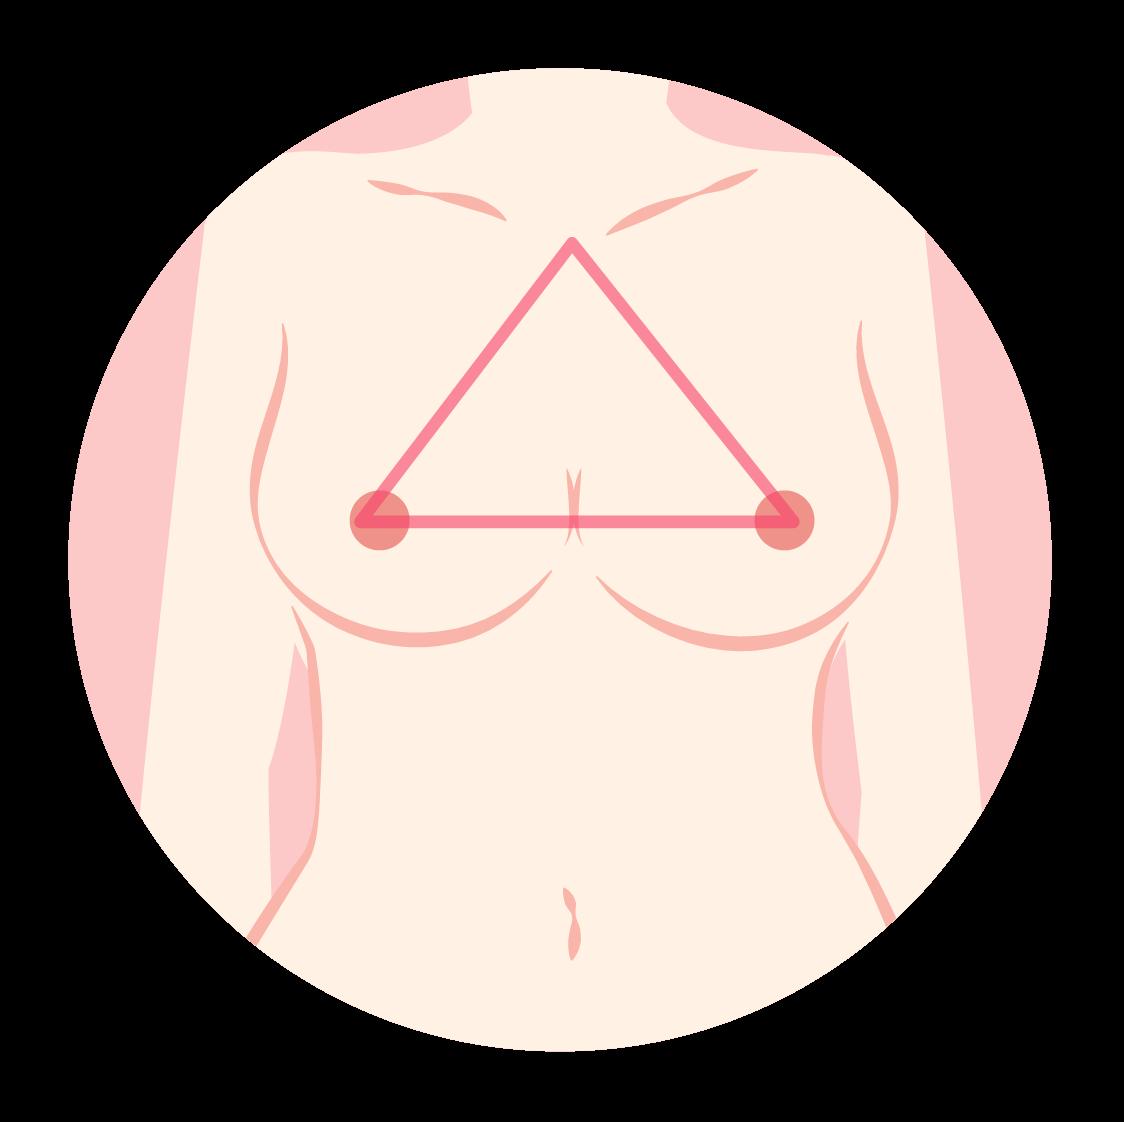 胸部黃金比例